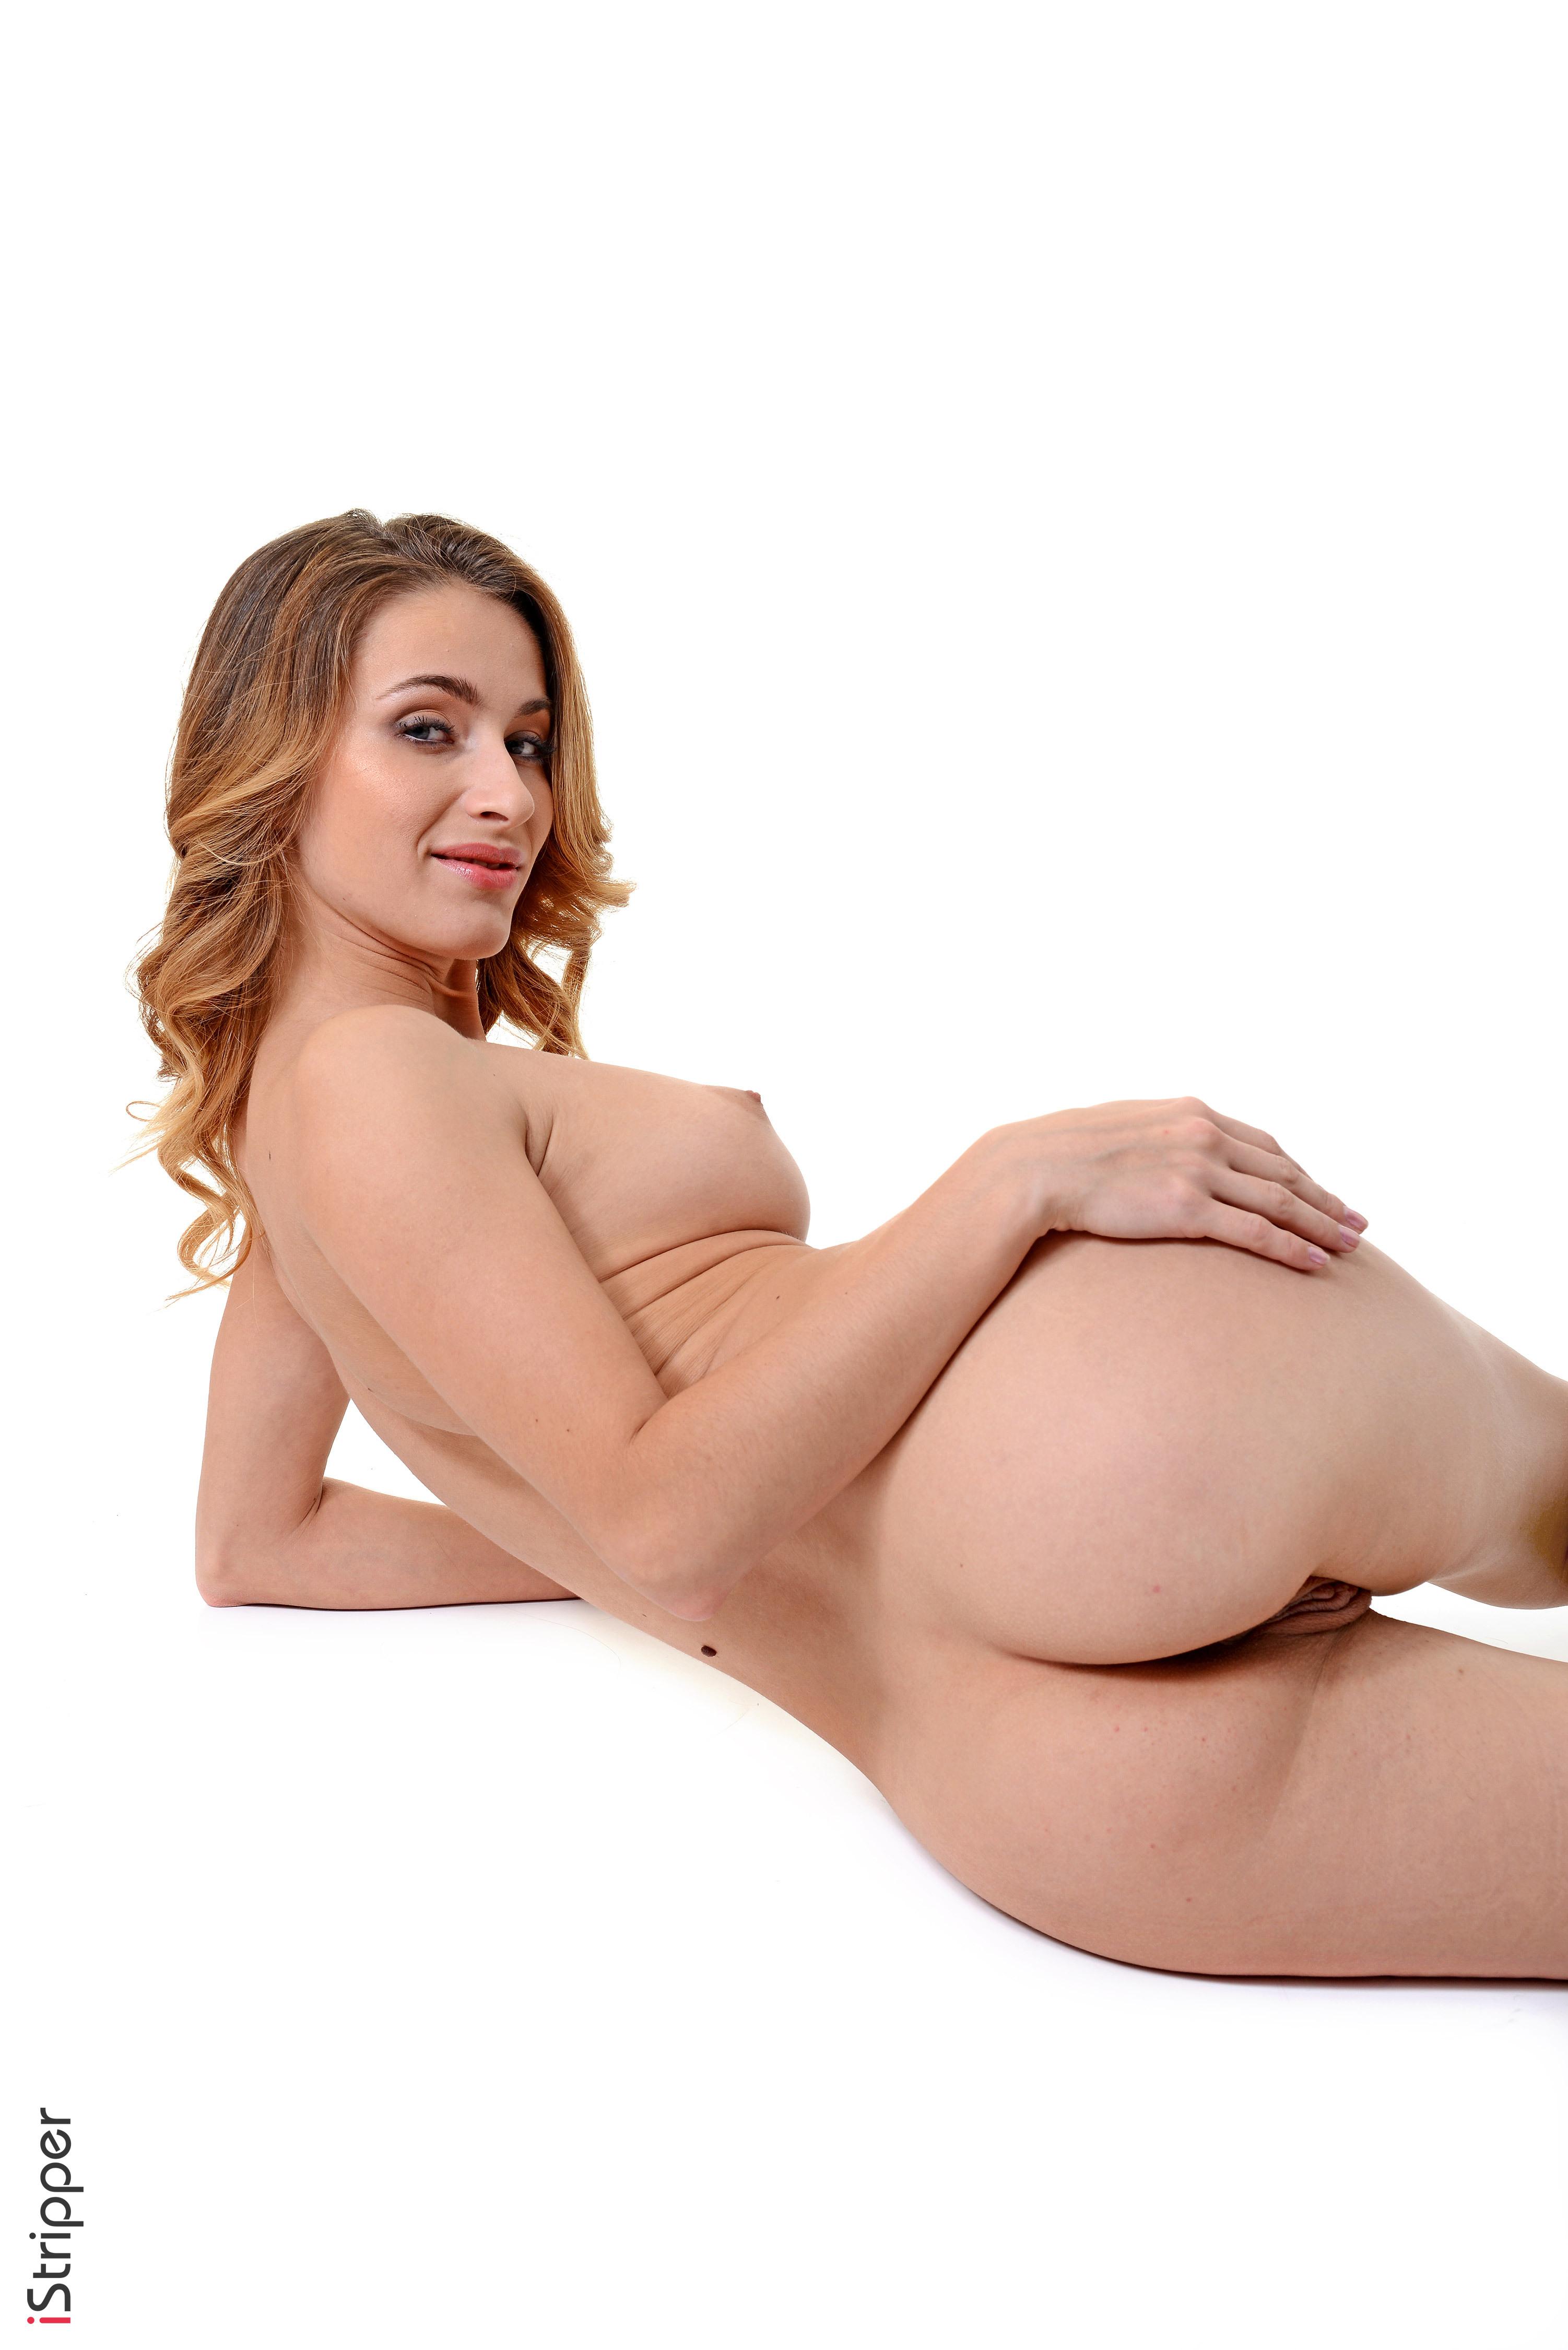 girls stripping xxx